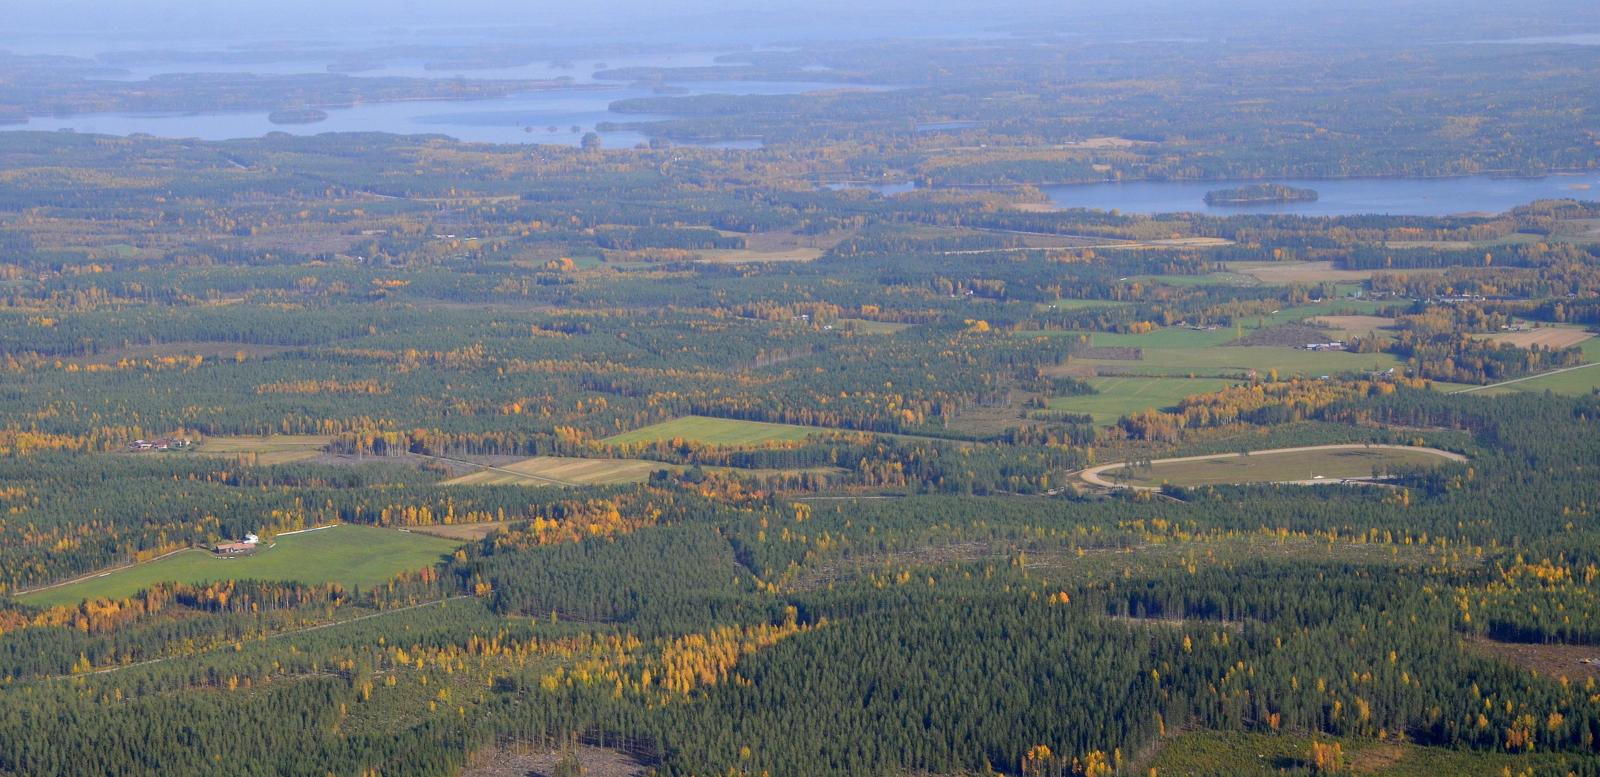 Tuulimyllyjen, (mahdollisten), alueelta kuvattu maisema Konginkankaan taajaman suuntaan kuvattuna.